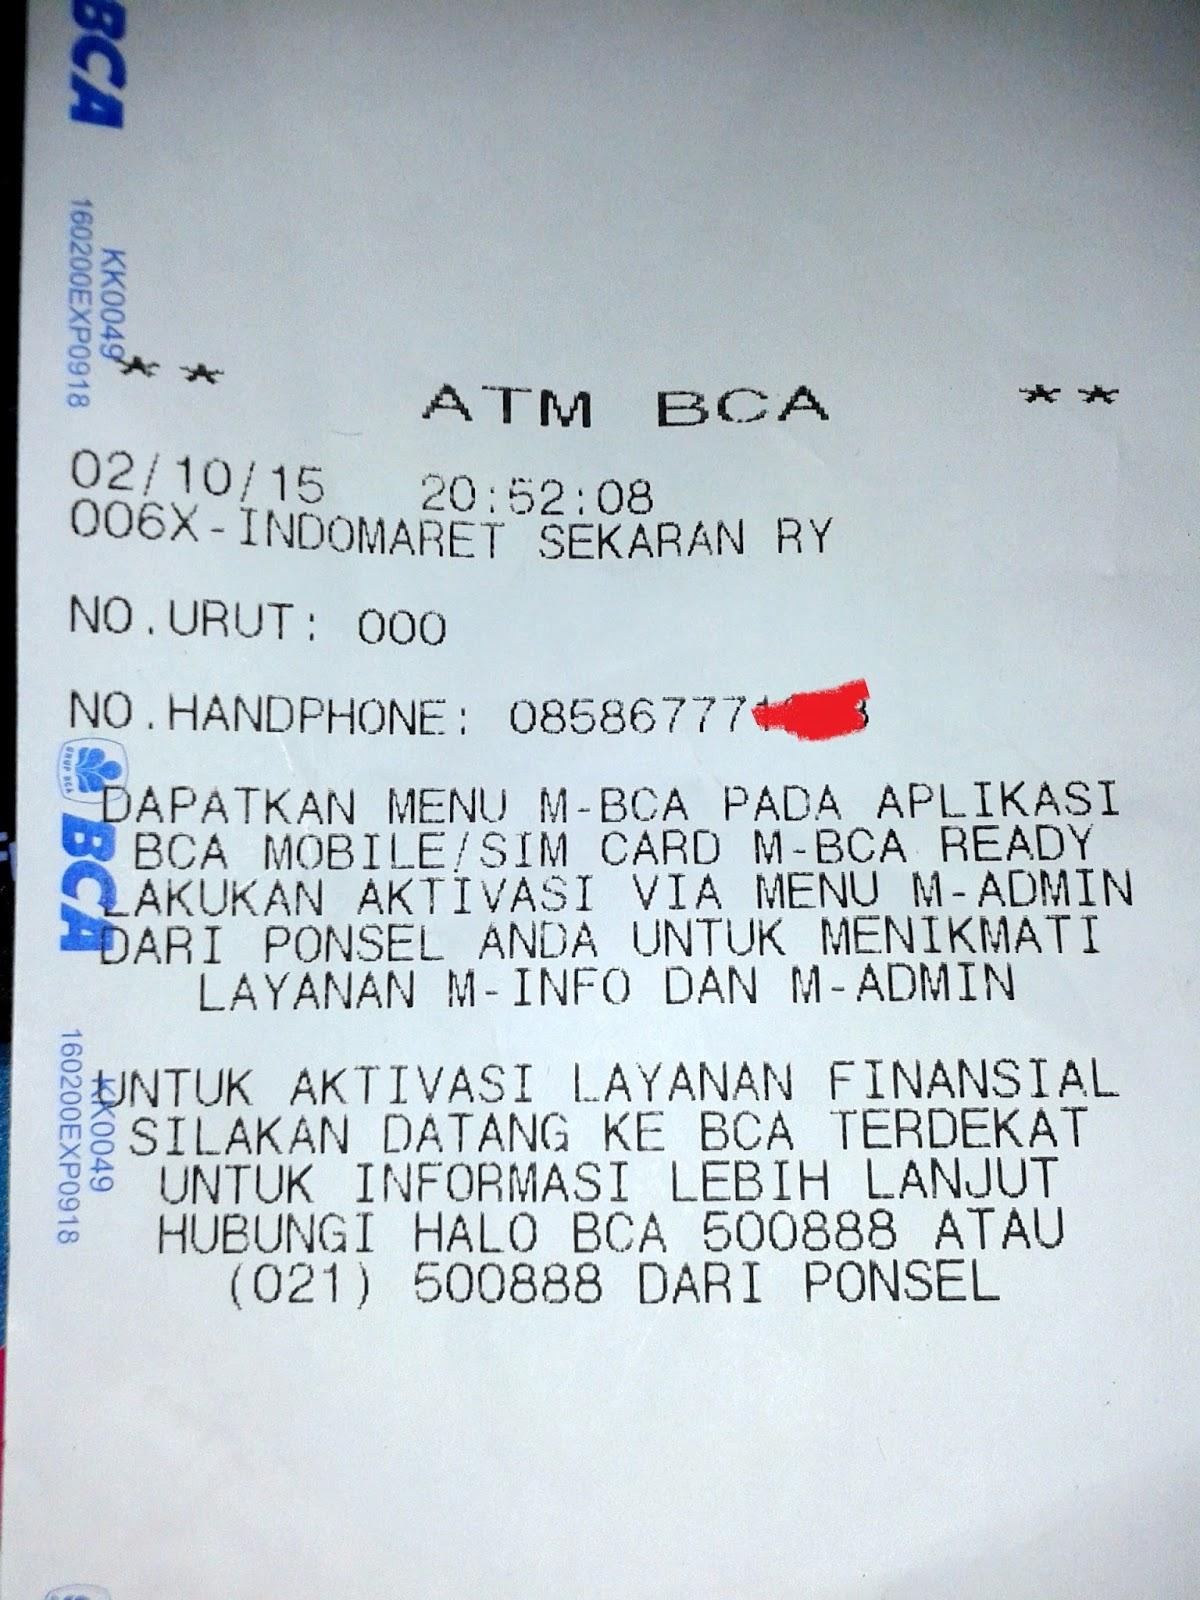 Pengalaman Daftar Mobile Banking Bca M Bca Https